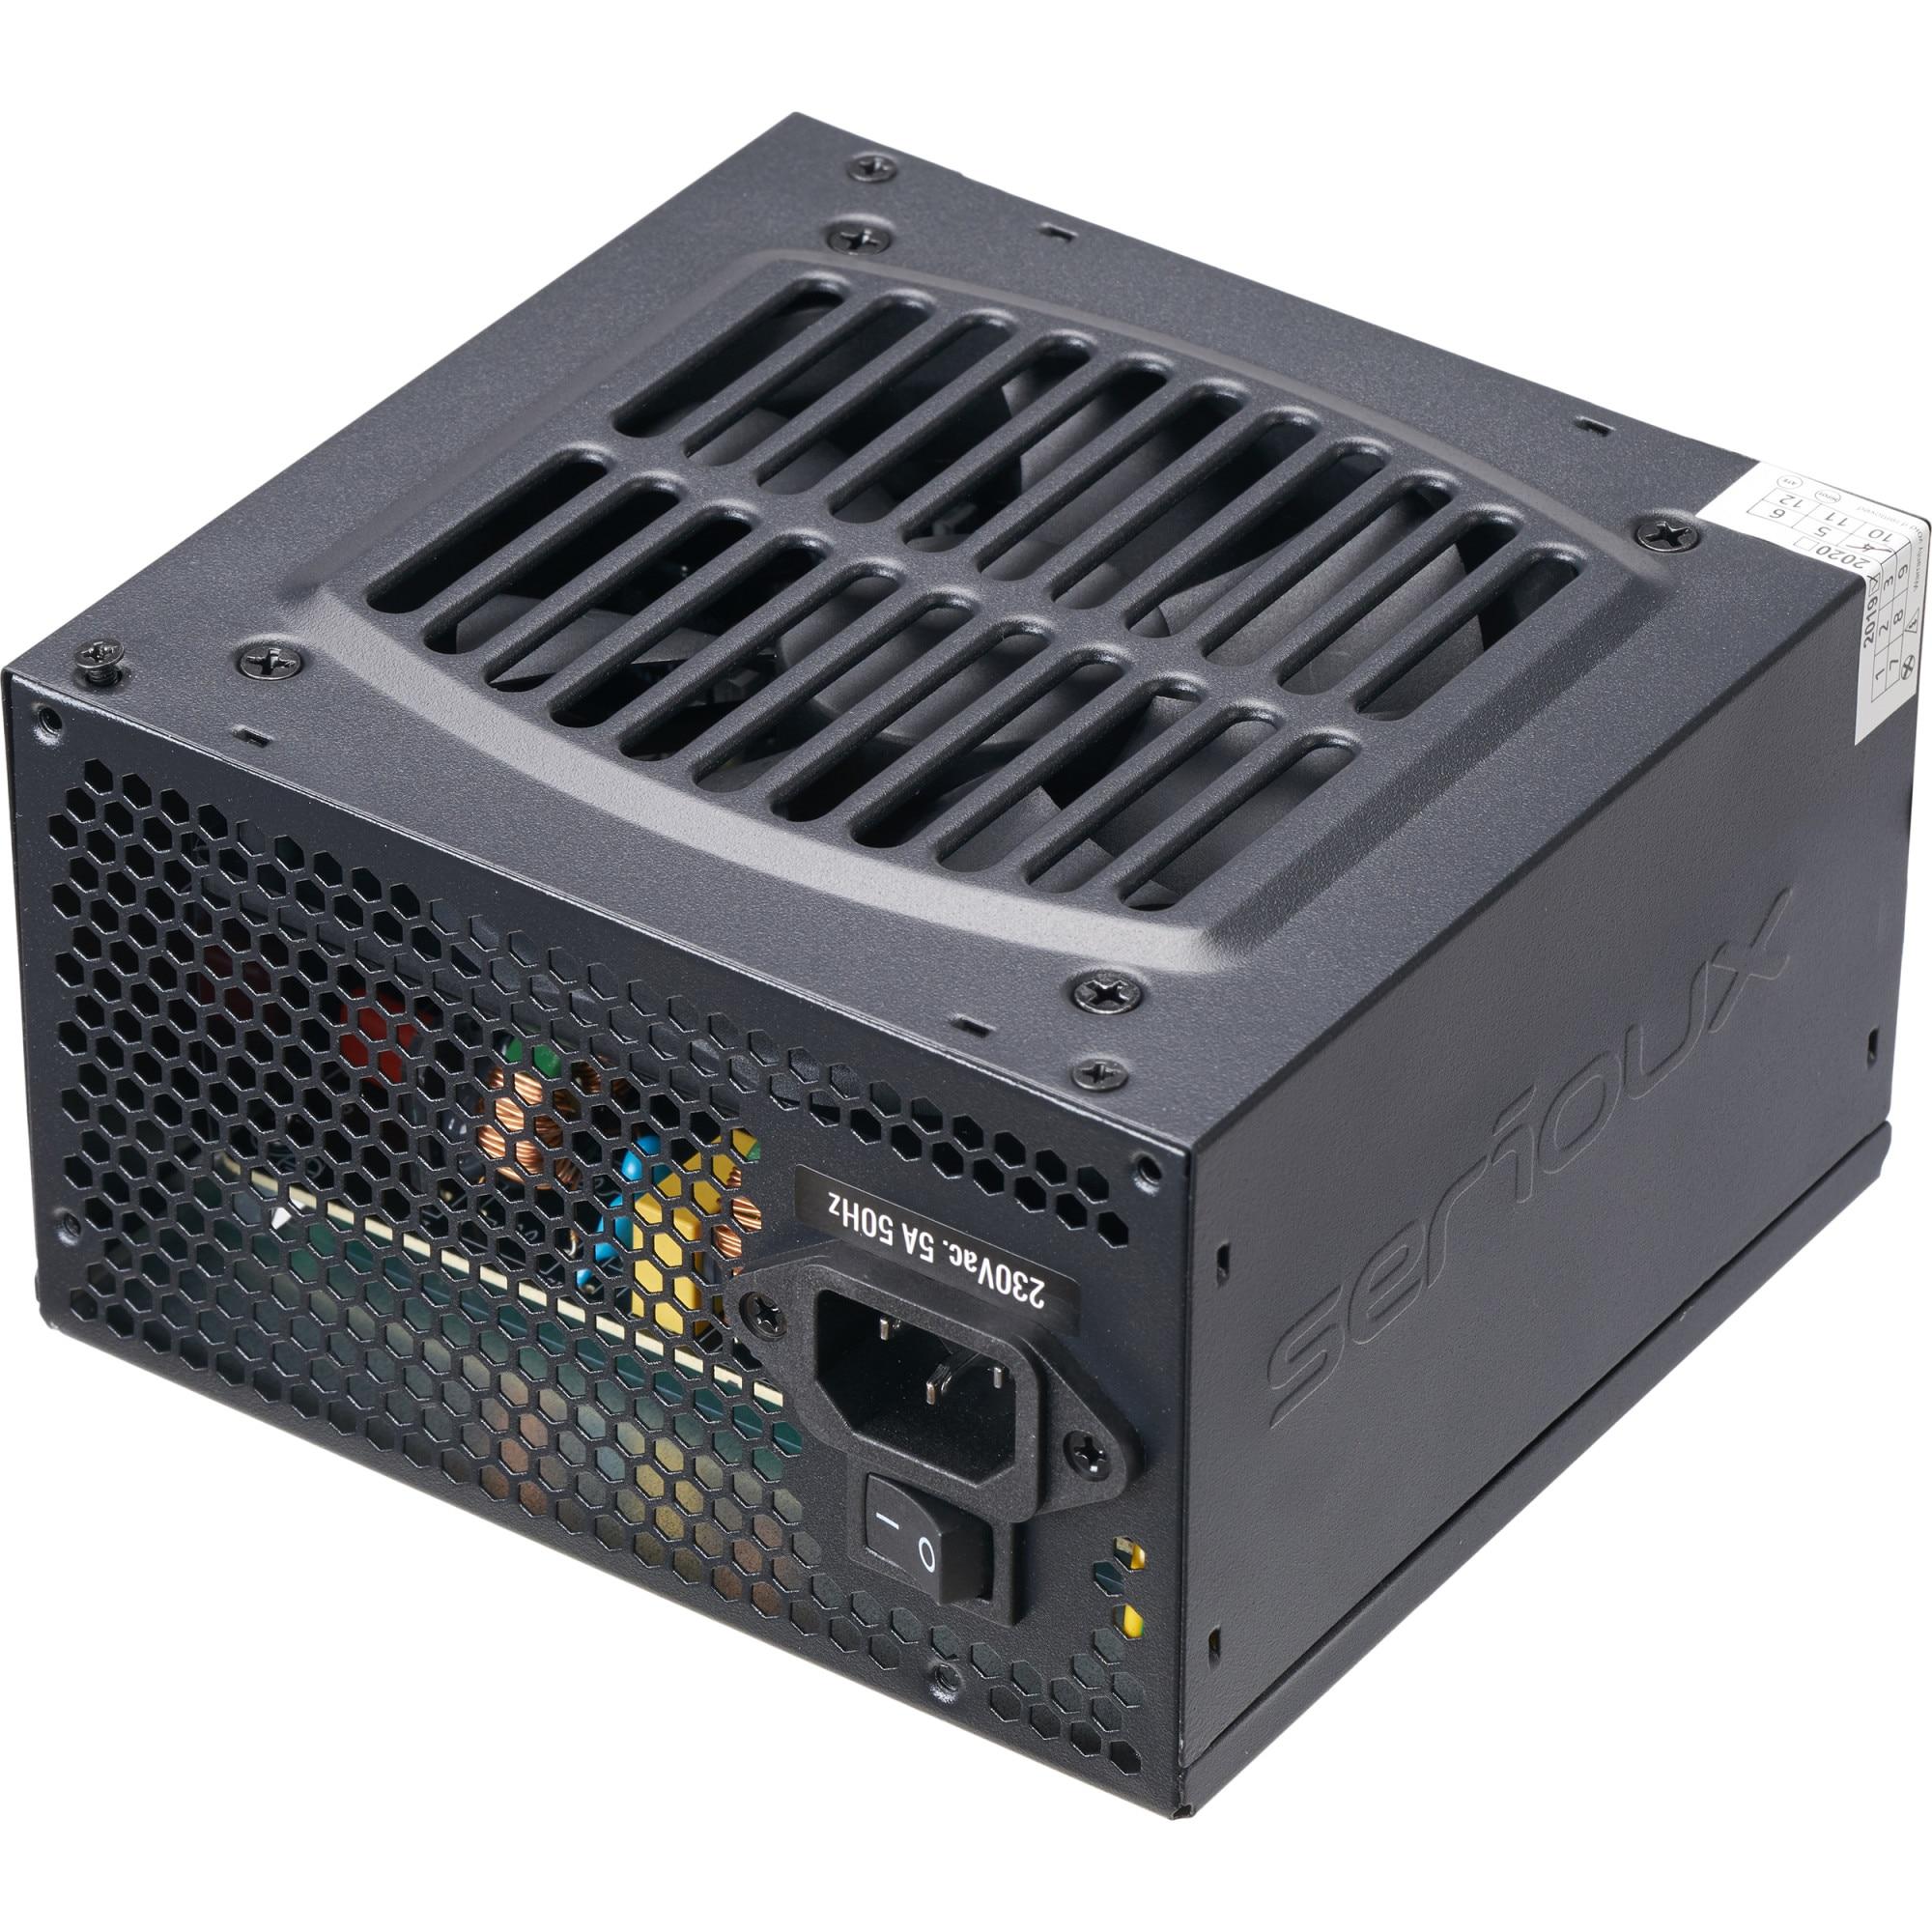 Fotografie Sursa ATX Serioux 500W, Solas White, PFC Activ, Certificare 80+, Eff peste 80%, cabluri mansetate